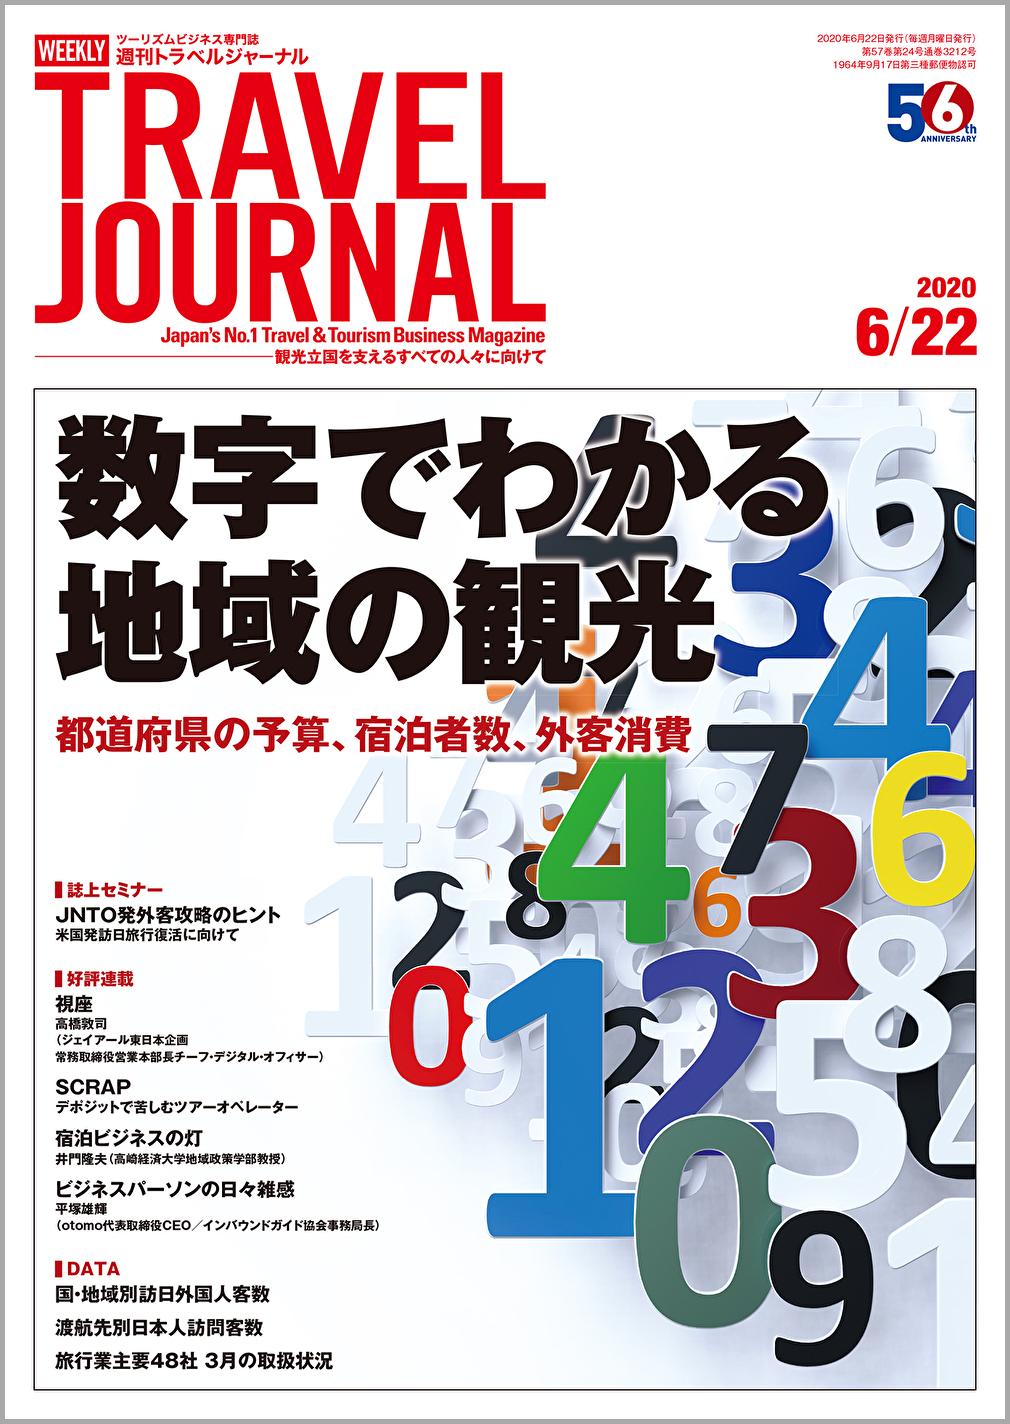 2020年6月22日号>数字でわかる地域の観光 都道府県の予算、宿泊者数、外客消費